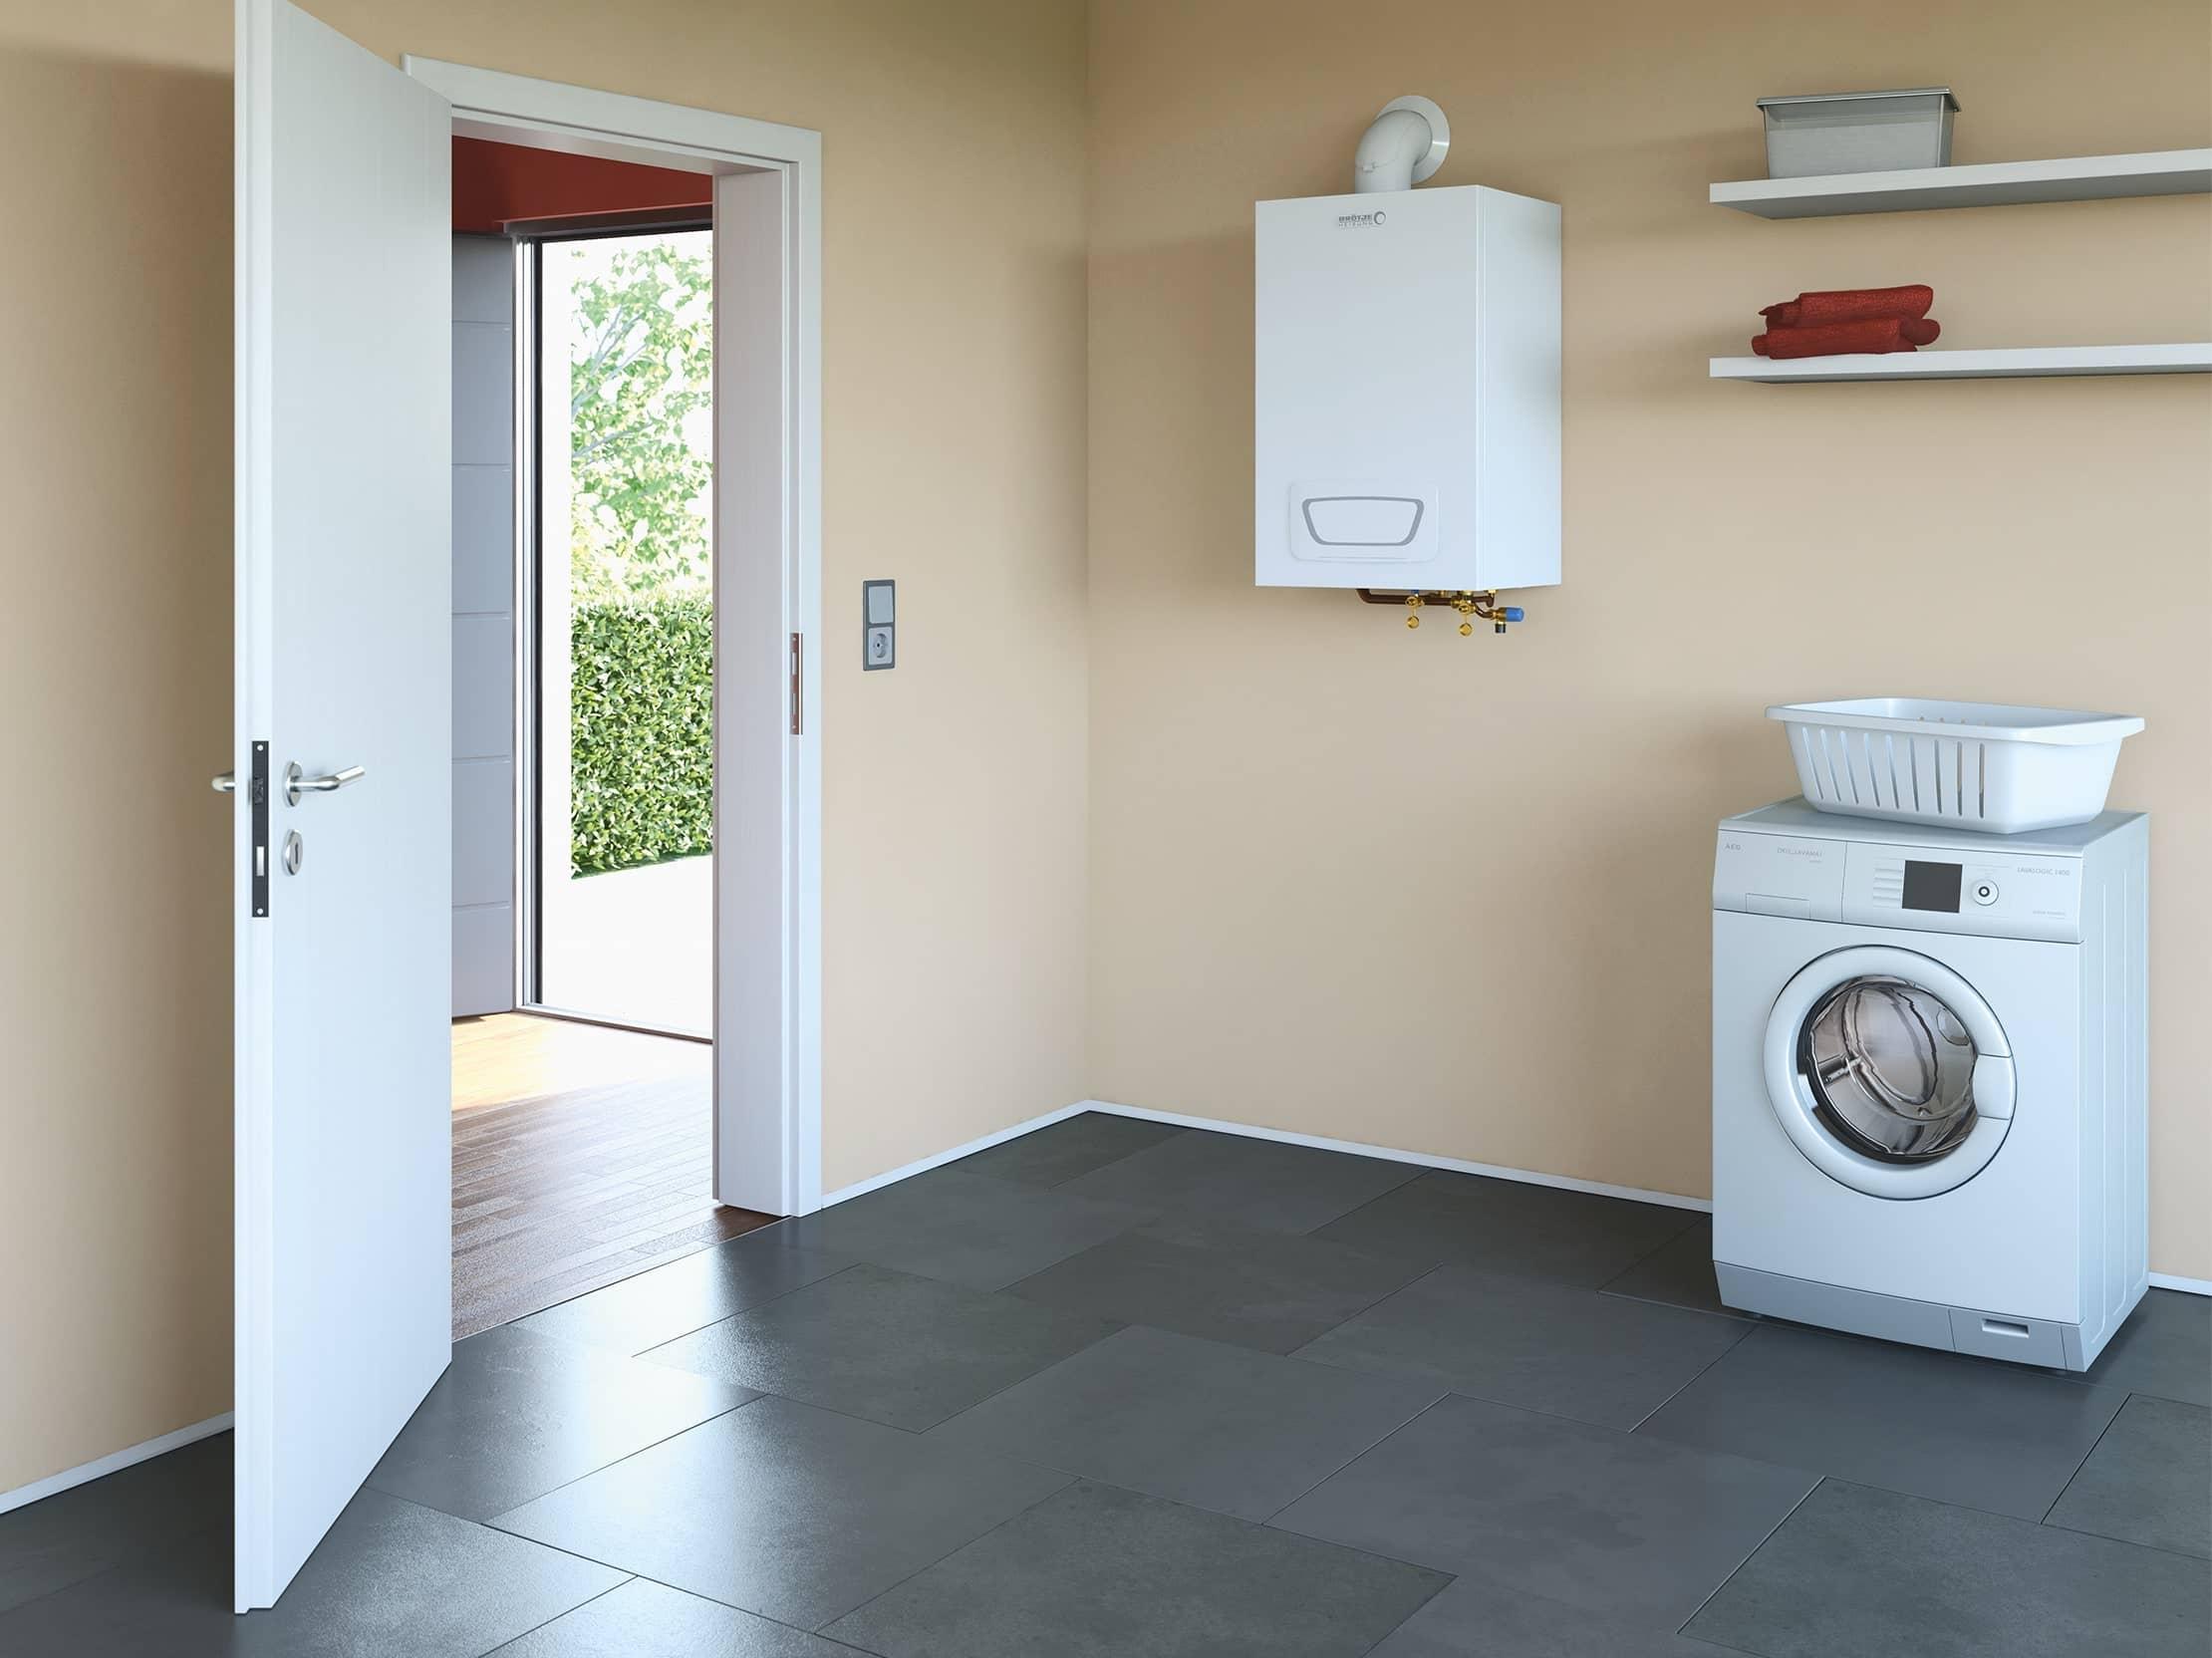 Der Gas-Brennwertwandkessel WGB-K EVO im Waschraum eines Hauses.